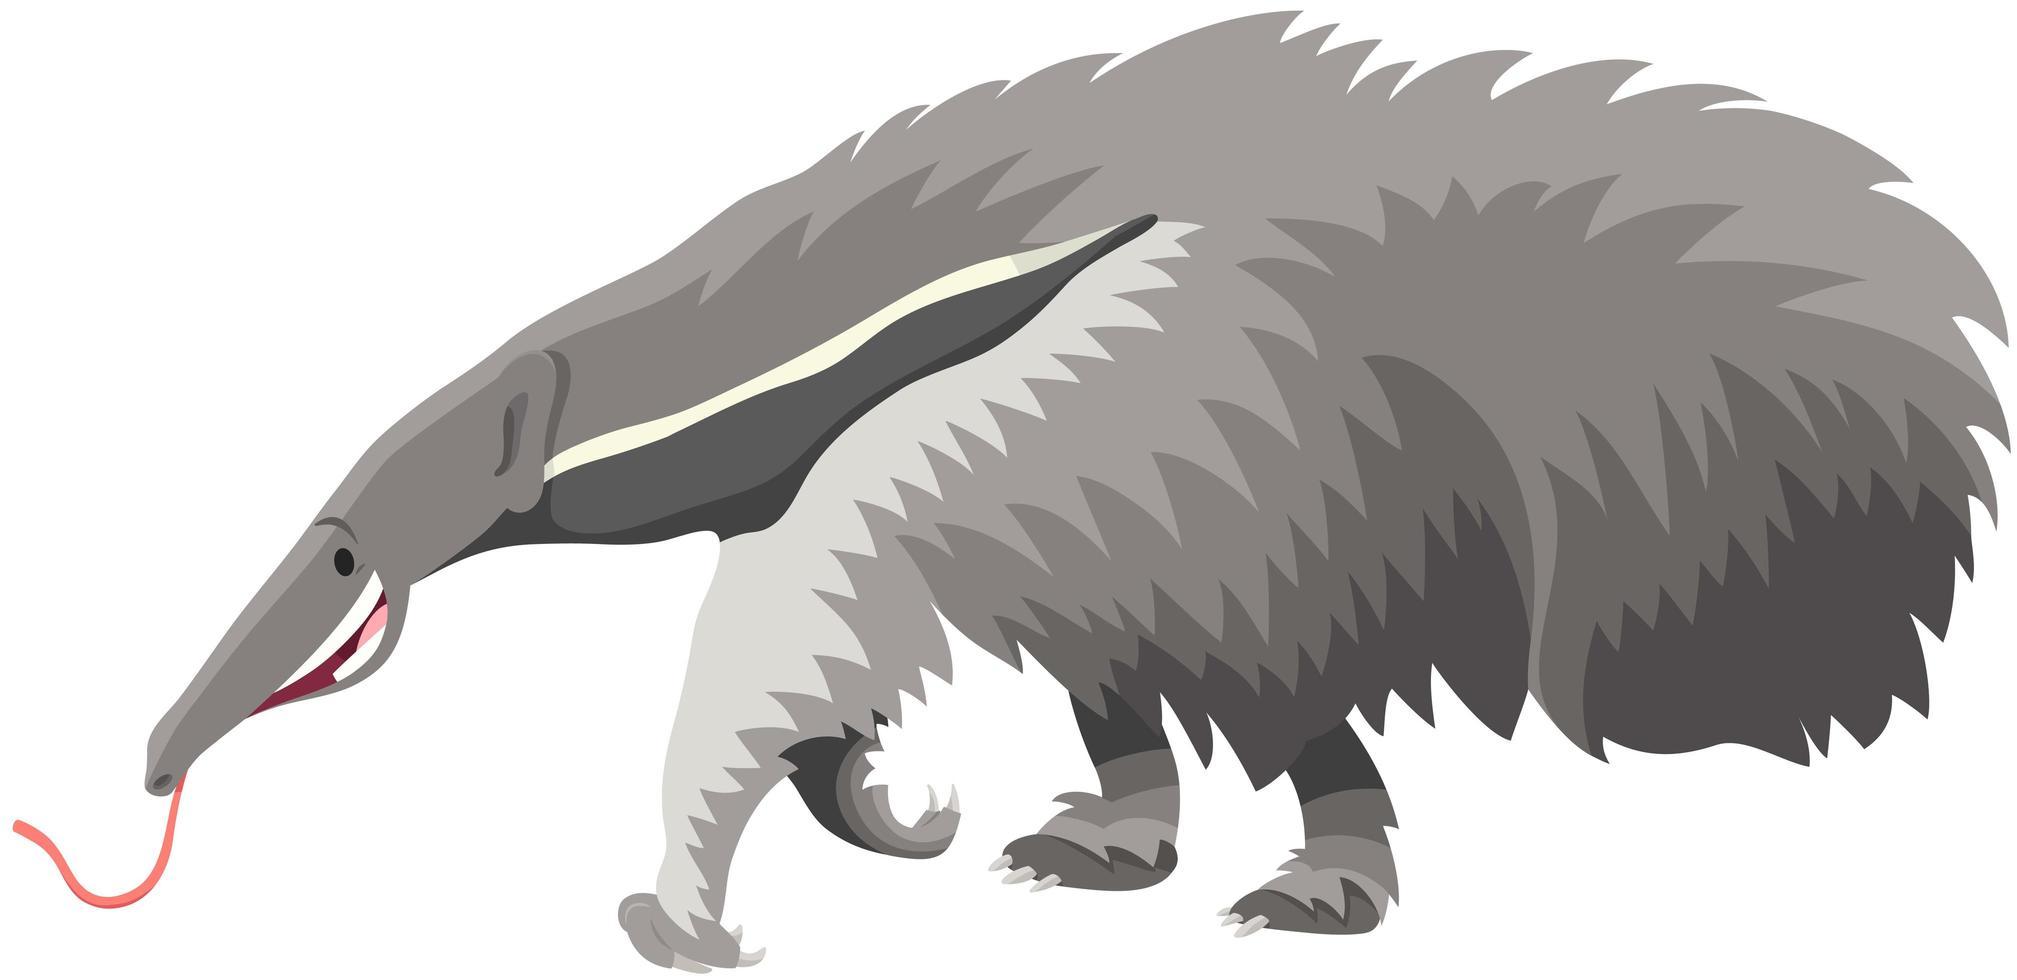 dessin animé animal fourmilier géant vecteur